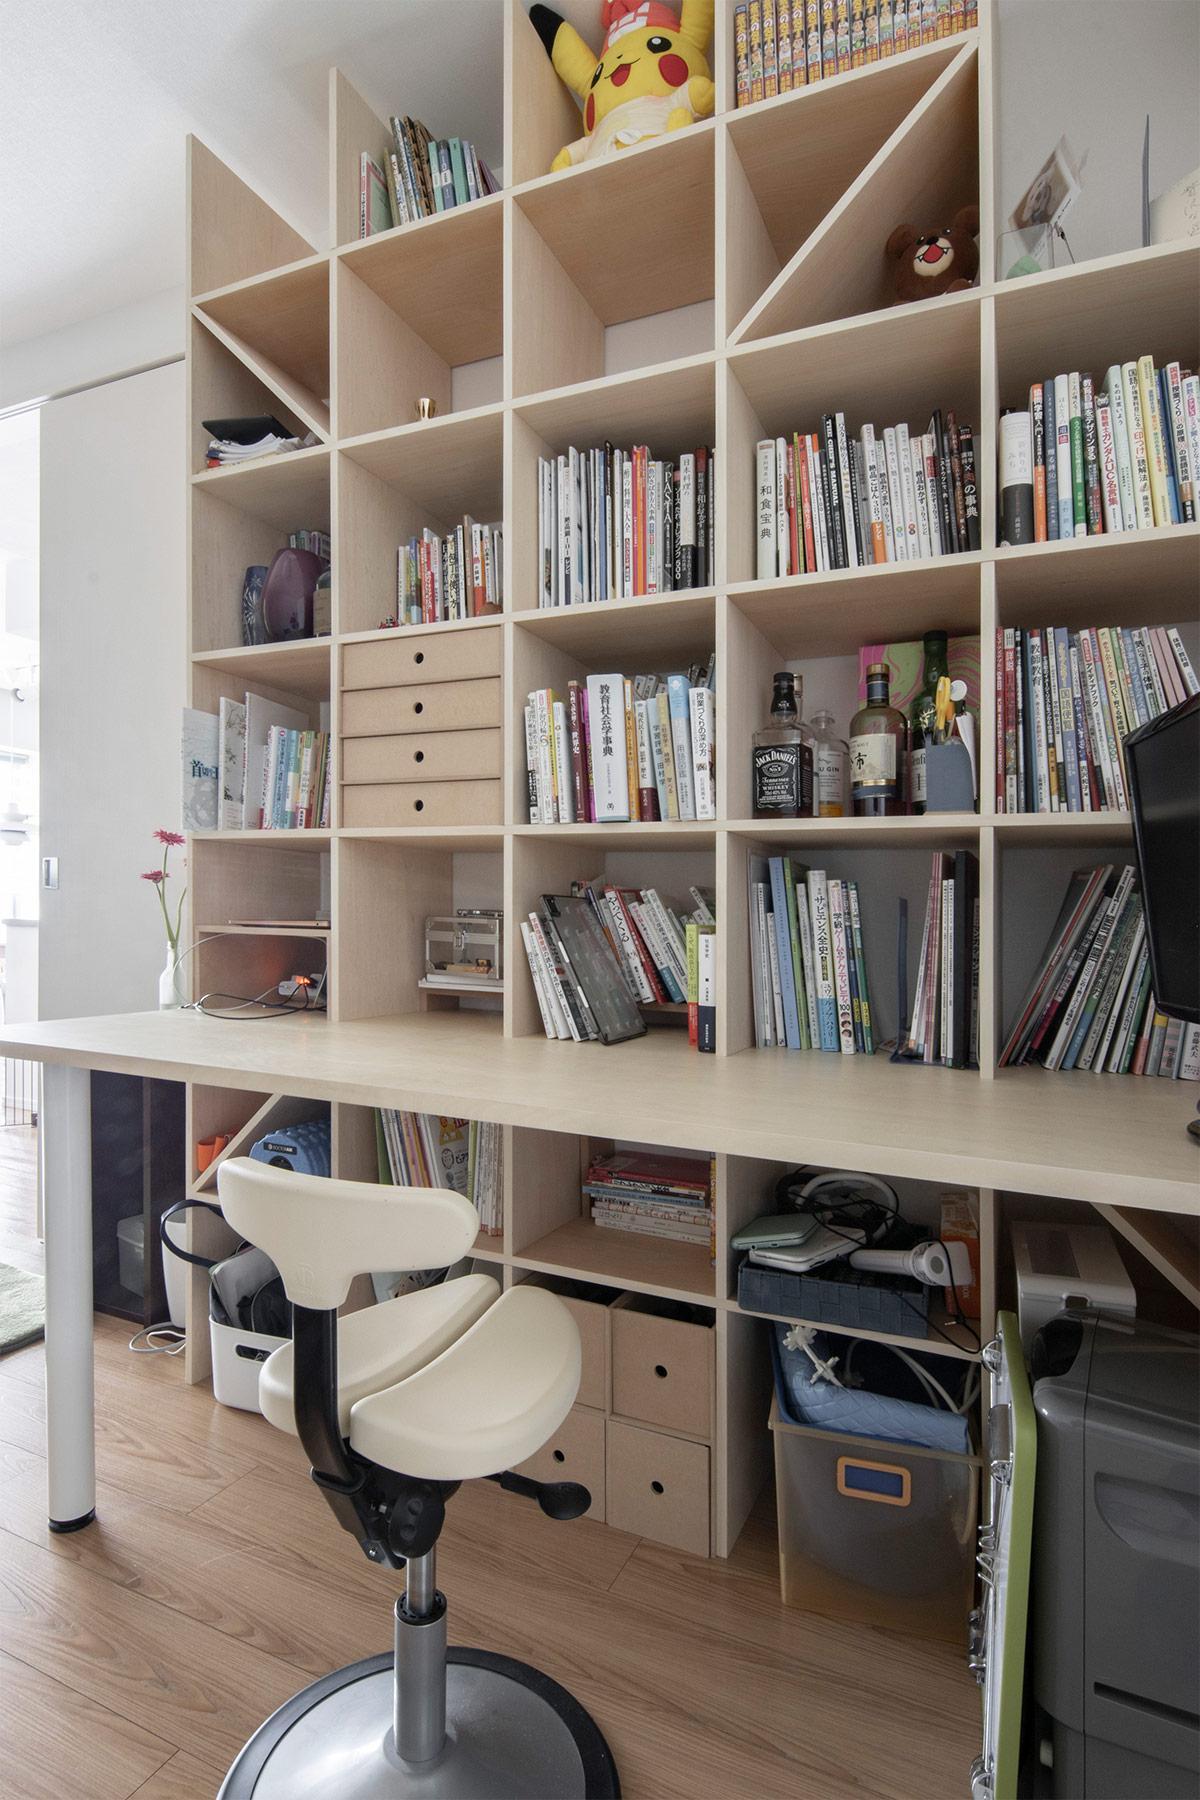 可動間仕切りで作られるリビングの一角に | デスク付き本棚 / Shelf (No.12) | マルゲリータ使用例